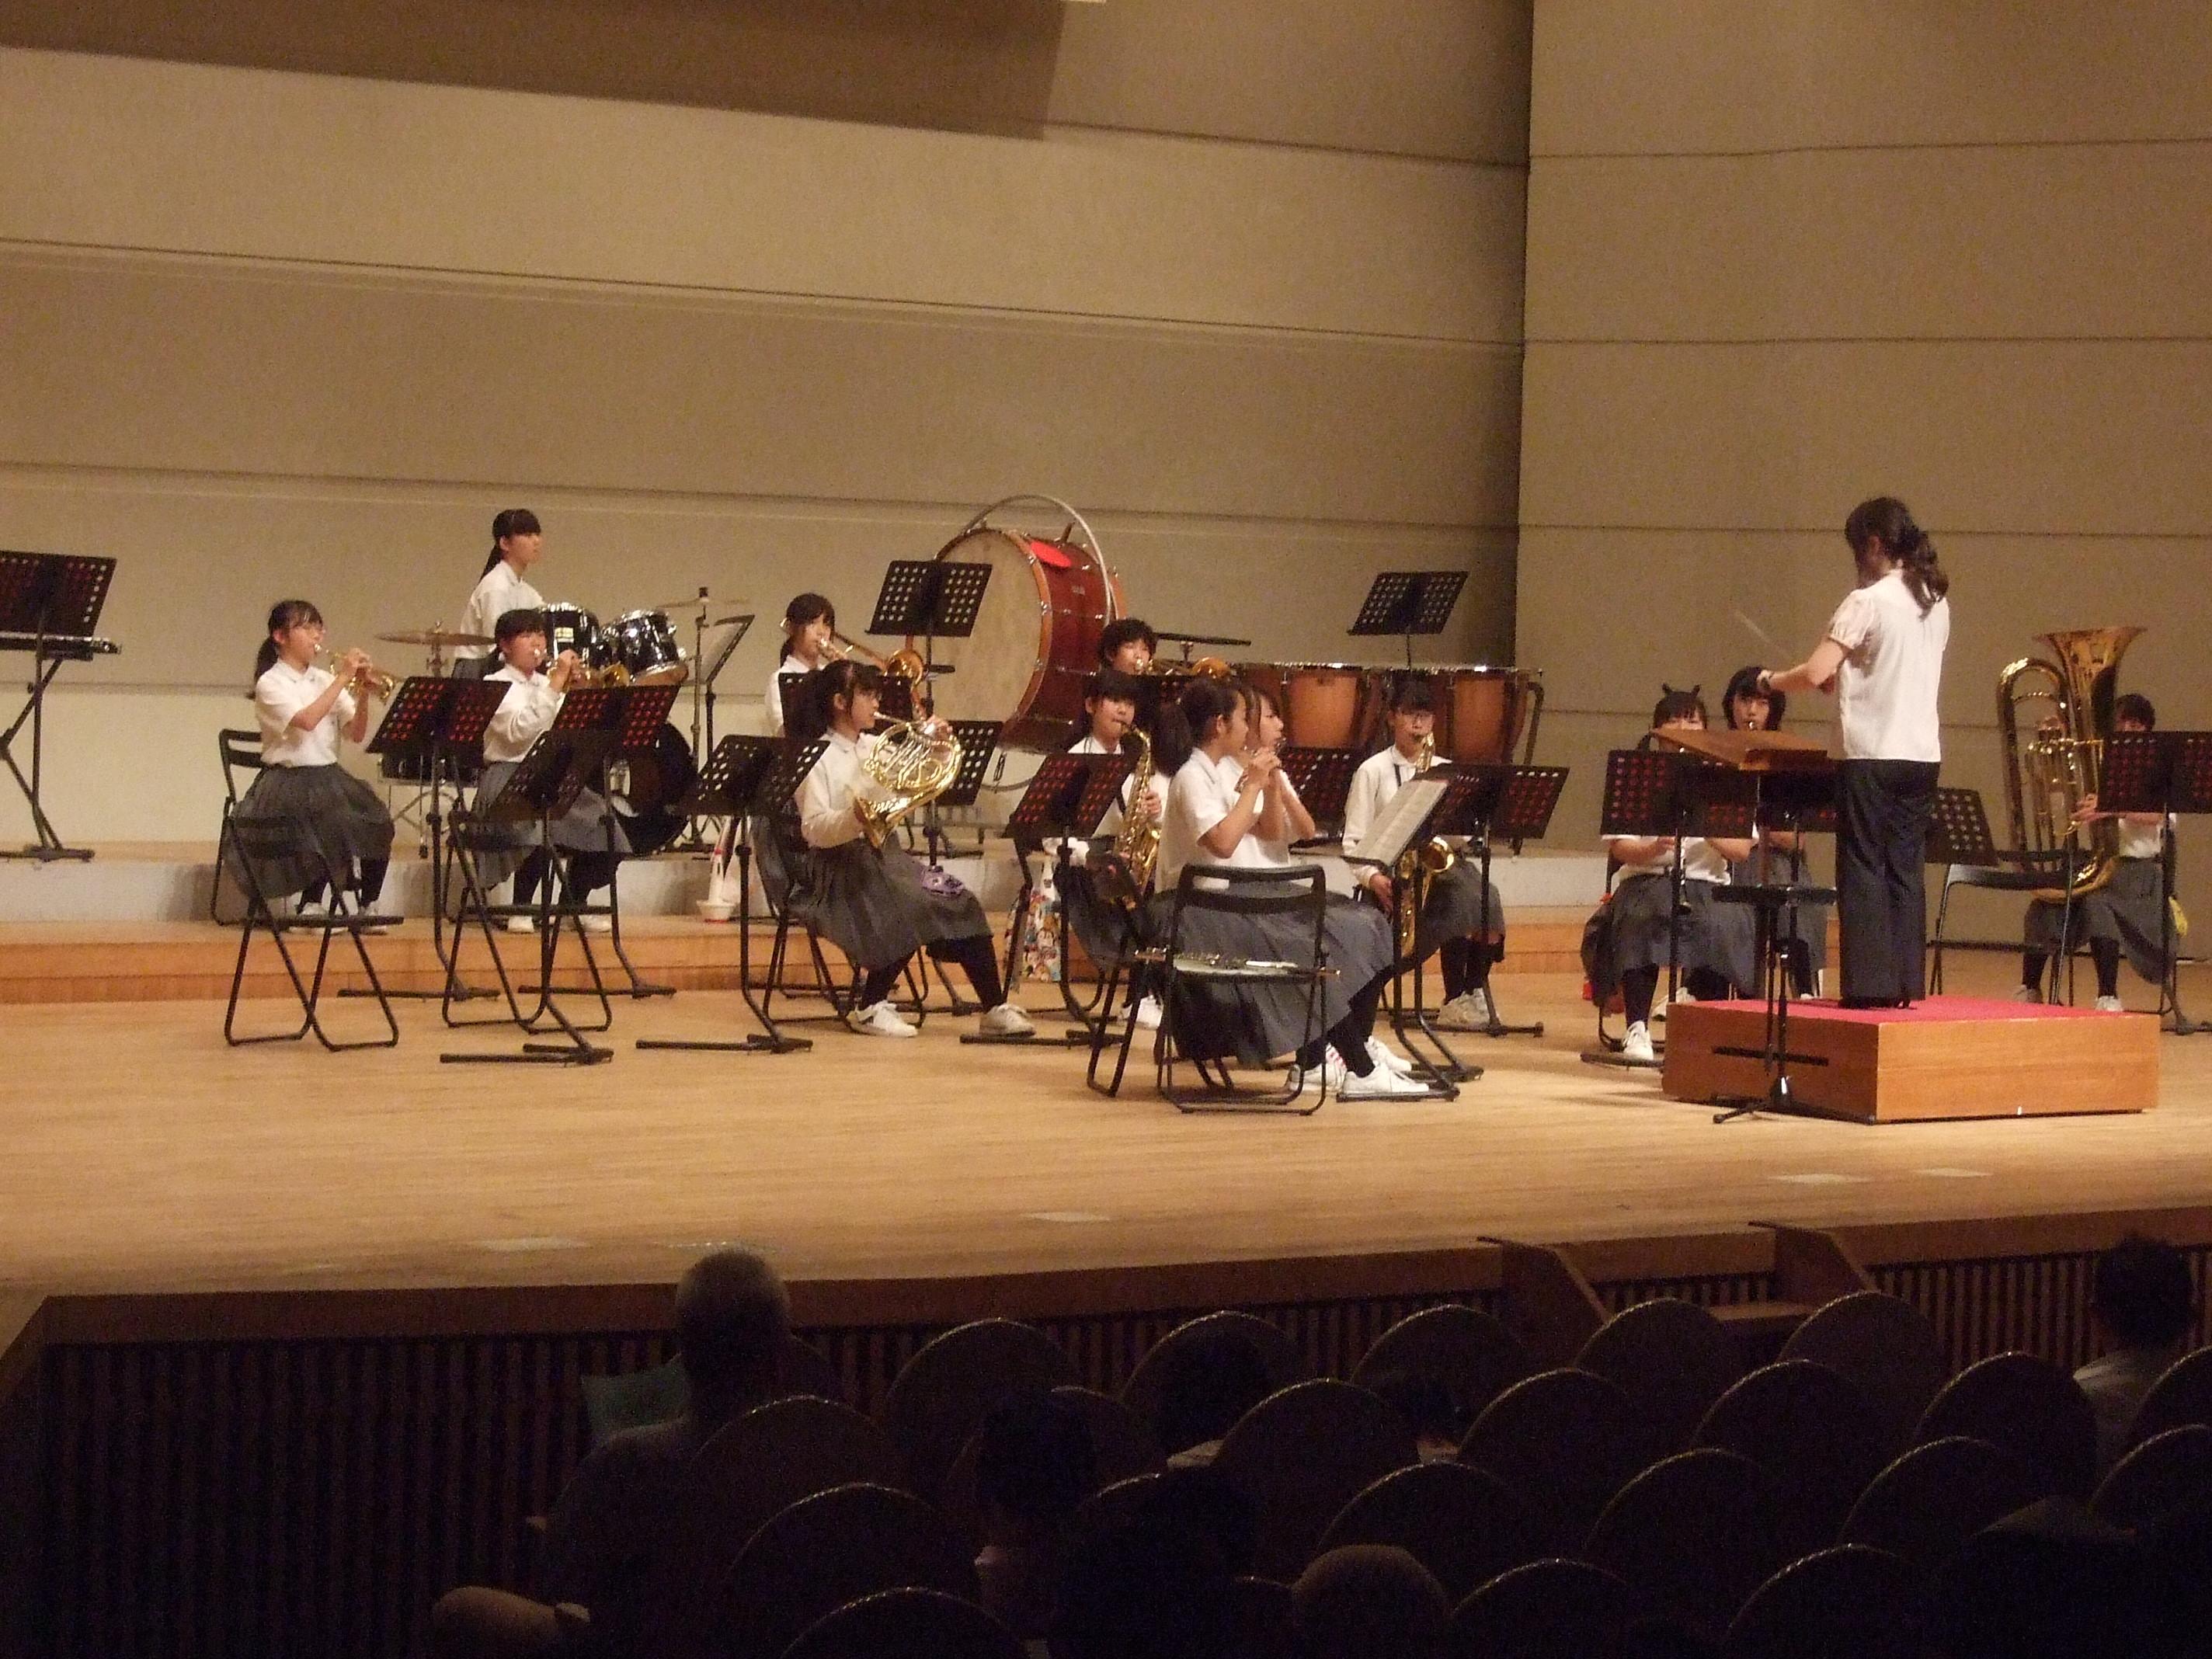 【門真】レッツ・スウィング!!6/19(日)『第19回門真市吹奏楽フェスティバル』を観に行ってきました!